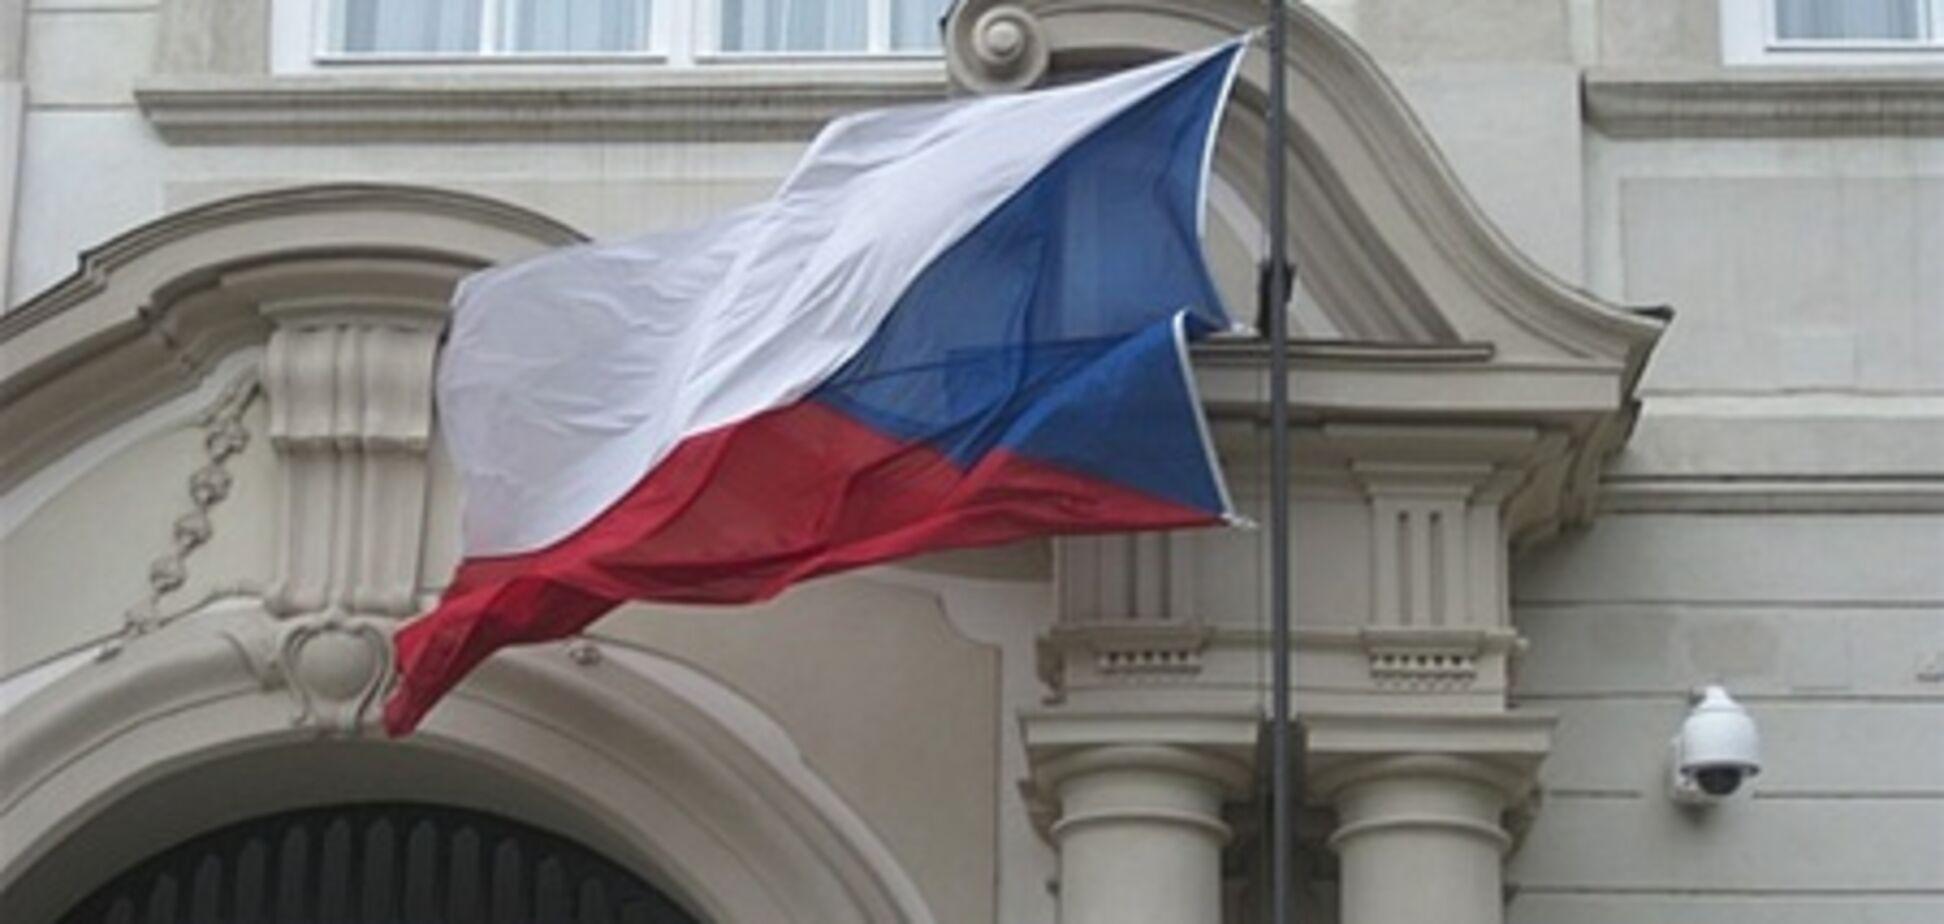 Экс-посол: отношения Украины и Чехии испортятся из-за убежища для Тимошенко